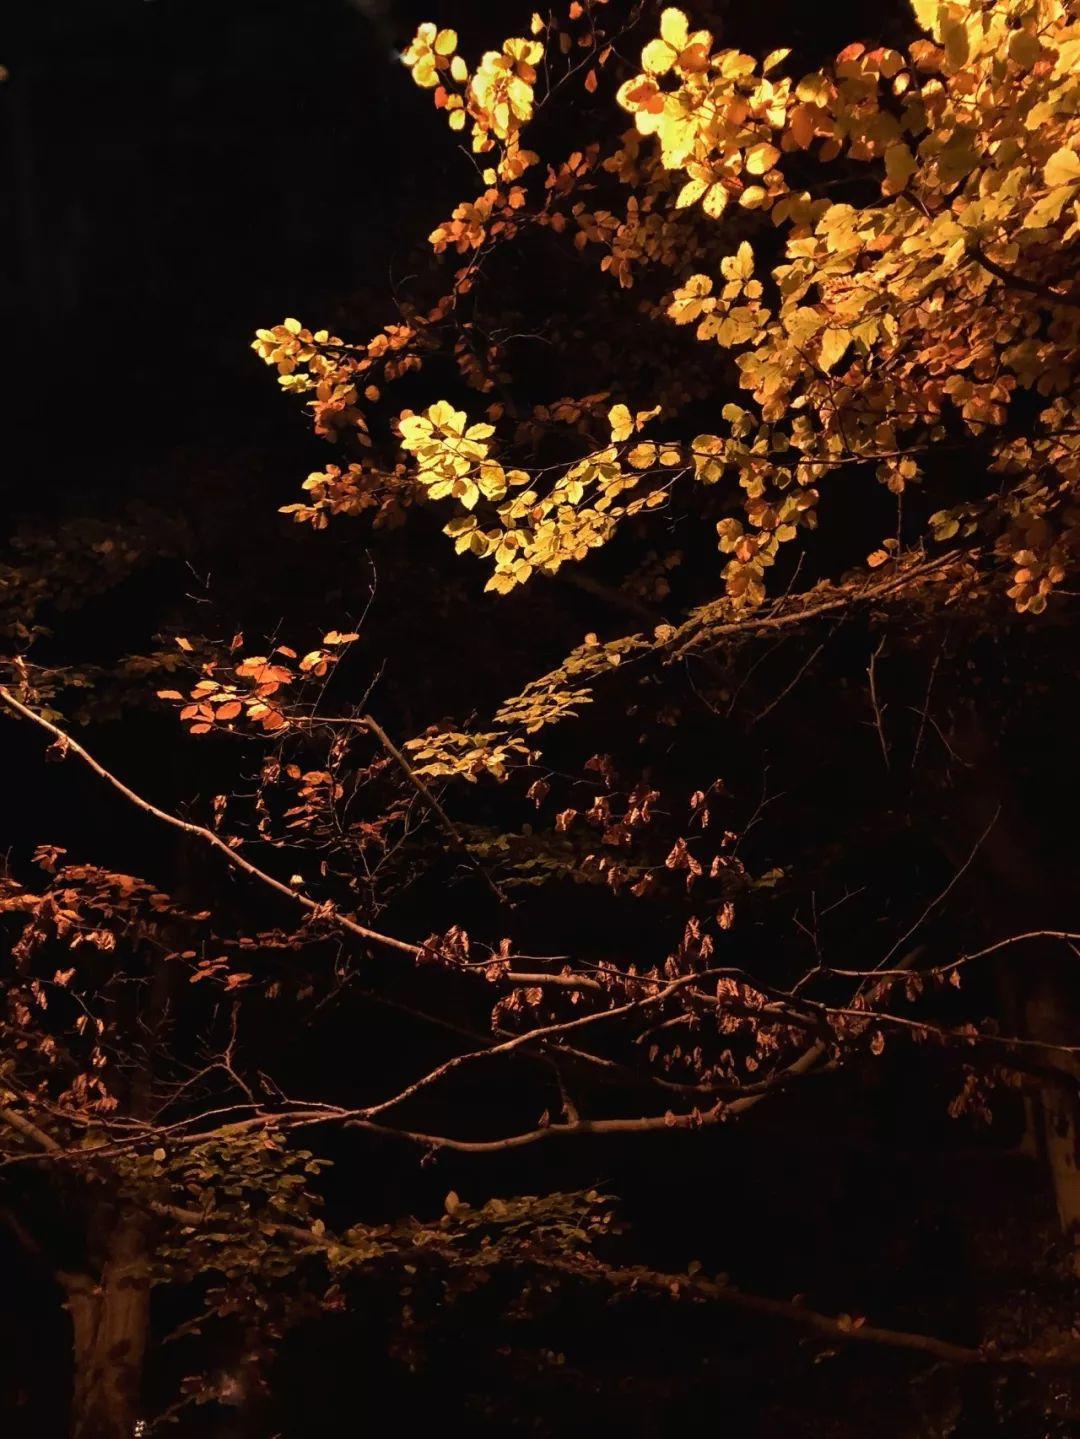 【摄影大赛】剑桥中国学联第三届摄影大赛「光语」获奖作品揭晓啦!